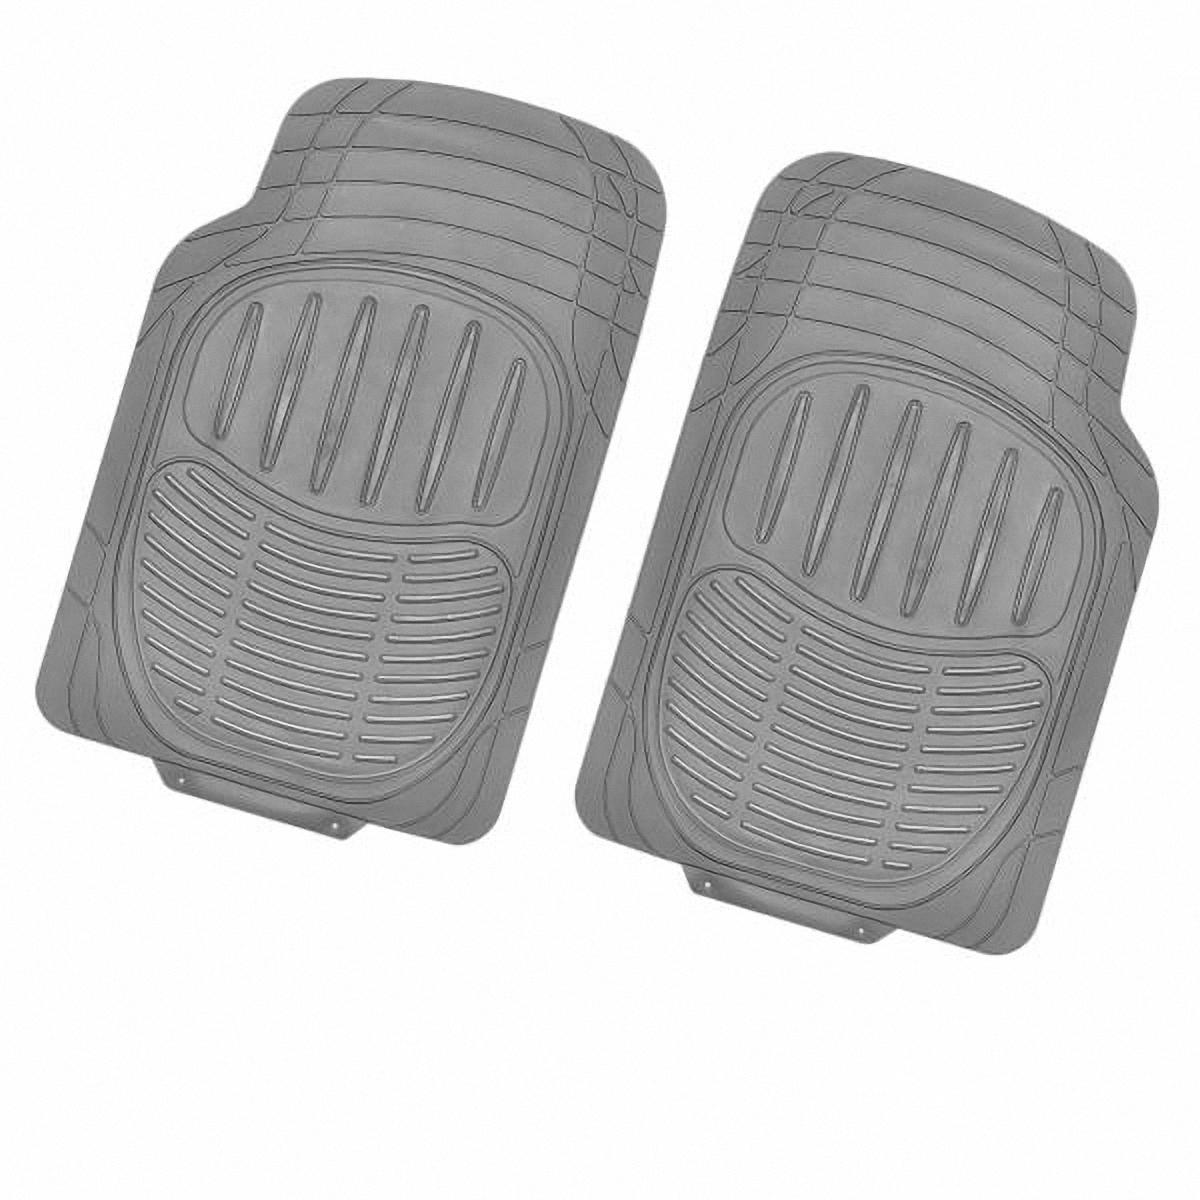 Коврик в салон автомобиля Skyway, передний, цвет: серый, 72 х 49 см, 2 шт12001001Комплект универсальных передних ковриков салона сохраняет эластичность даже при экстремально низких и высоких температурах (от -50°С до +50°С). Обладает повышенной устойчивостью к износу и агрессивным средам, таким как антигололёдные реагенты, масло и топливо. Усовершенствованная конструкция изделия обеспечивает плотное прилегание и надёжную фиксацию коврика на полу автомобиля.Размер: 72 х 49 см.Комплектация: 2 шт.